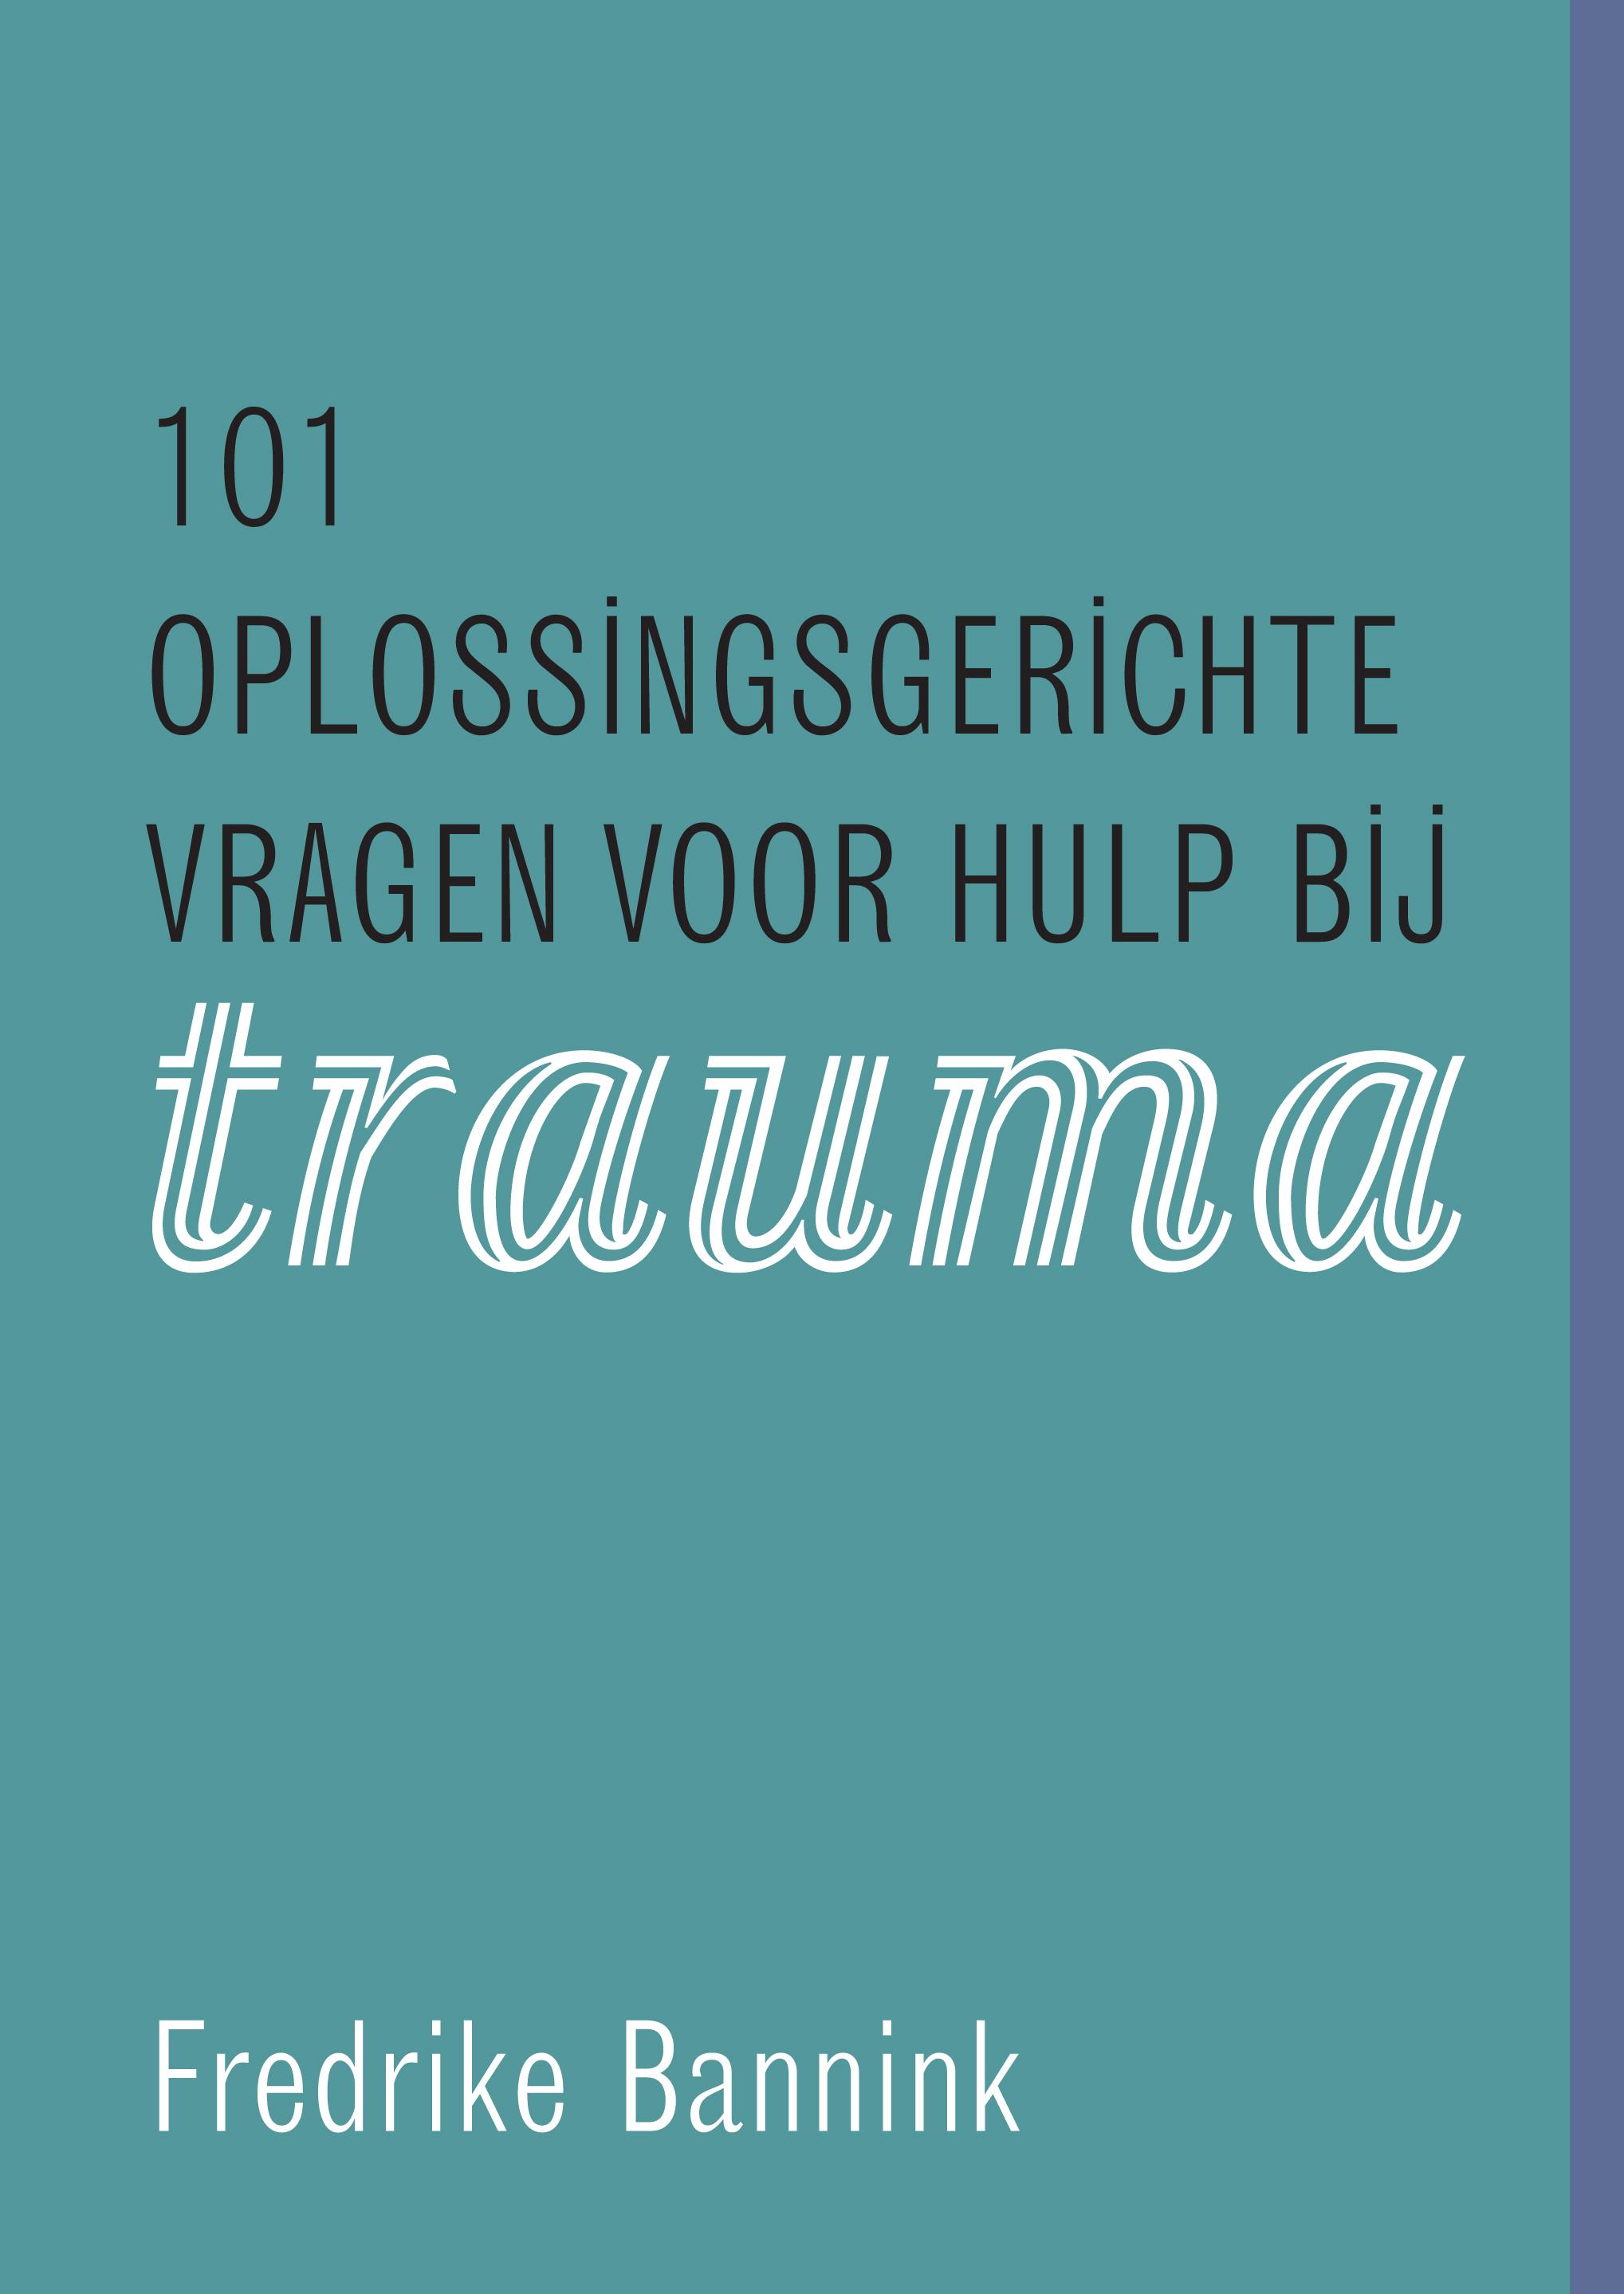 Cover image 101 oplossingsgerichte vragen voor hulp bij trauma